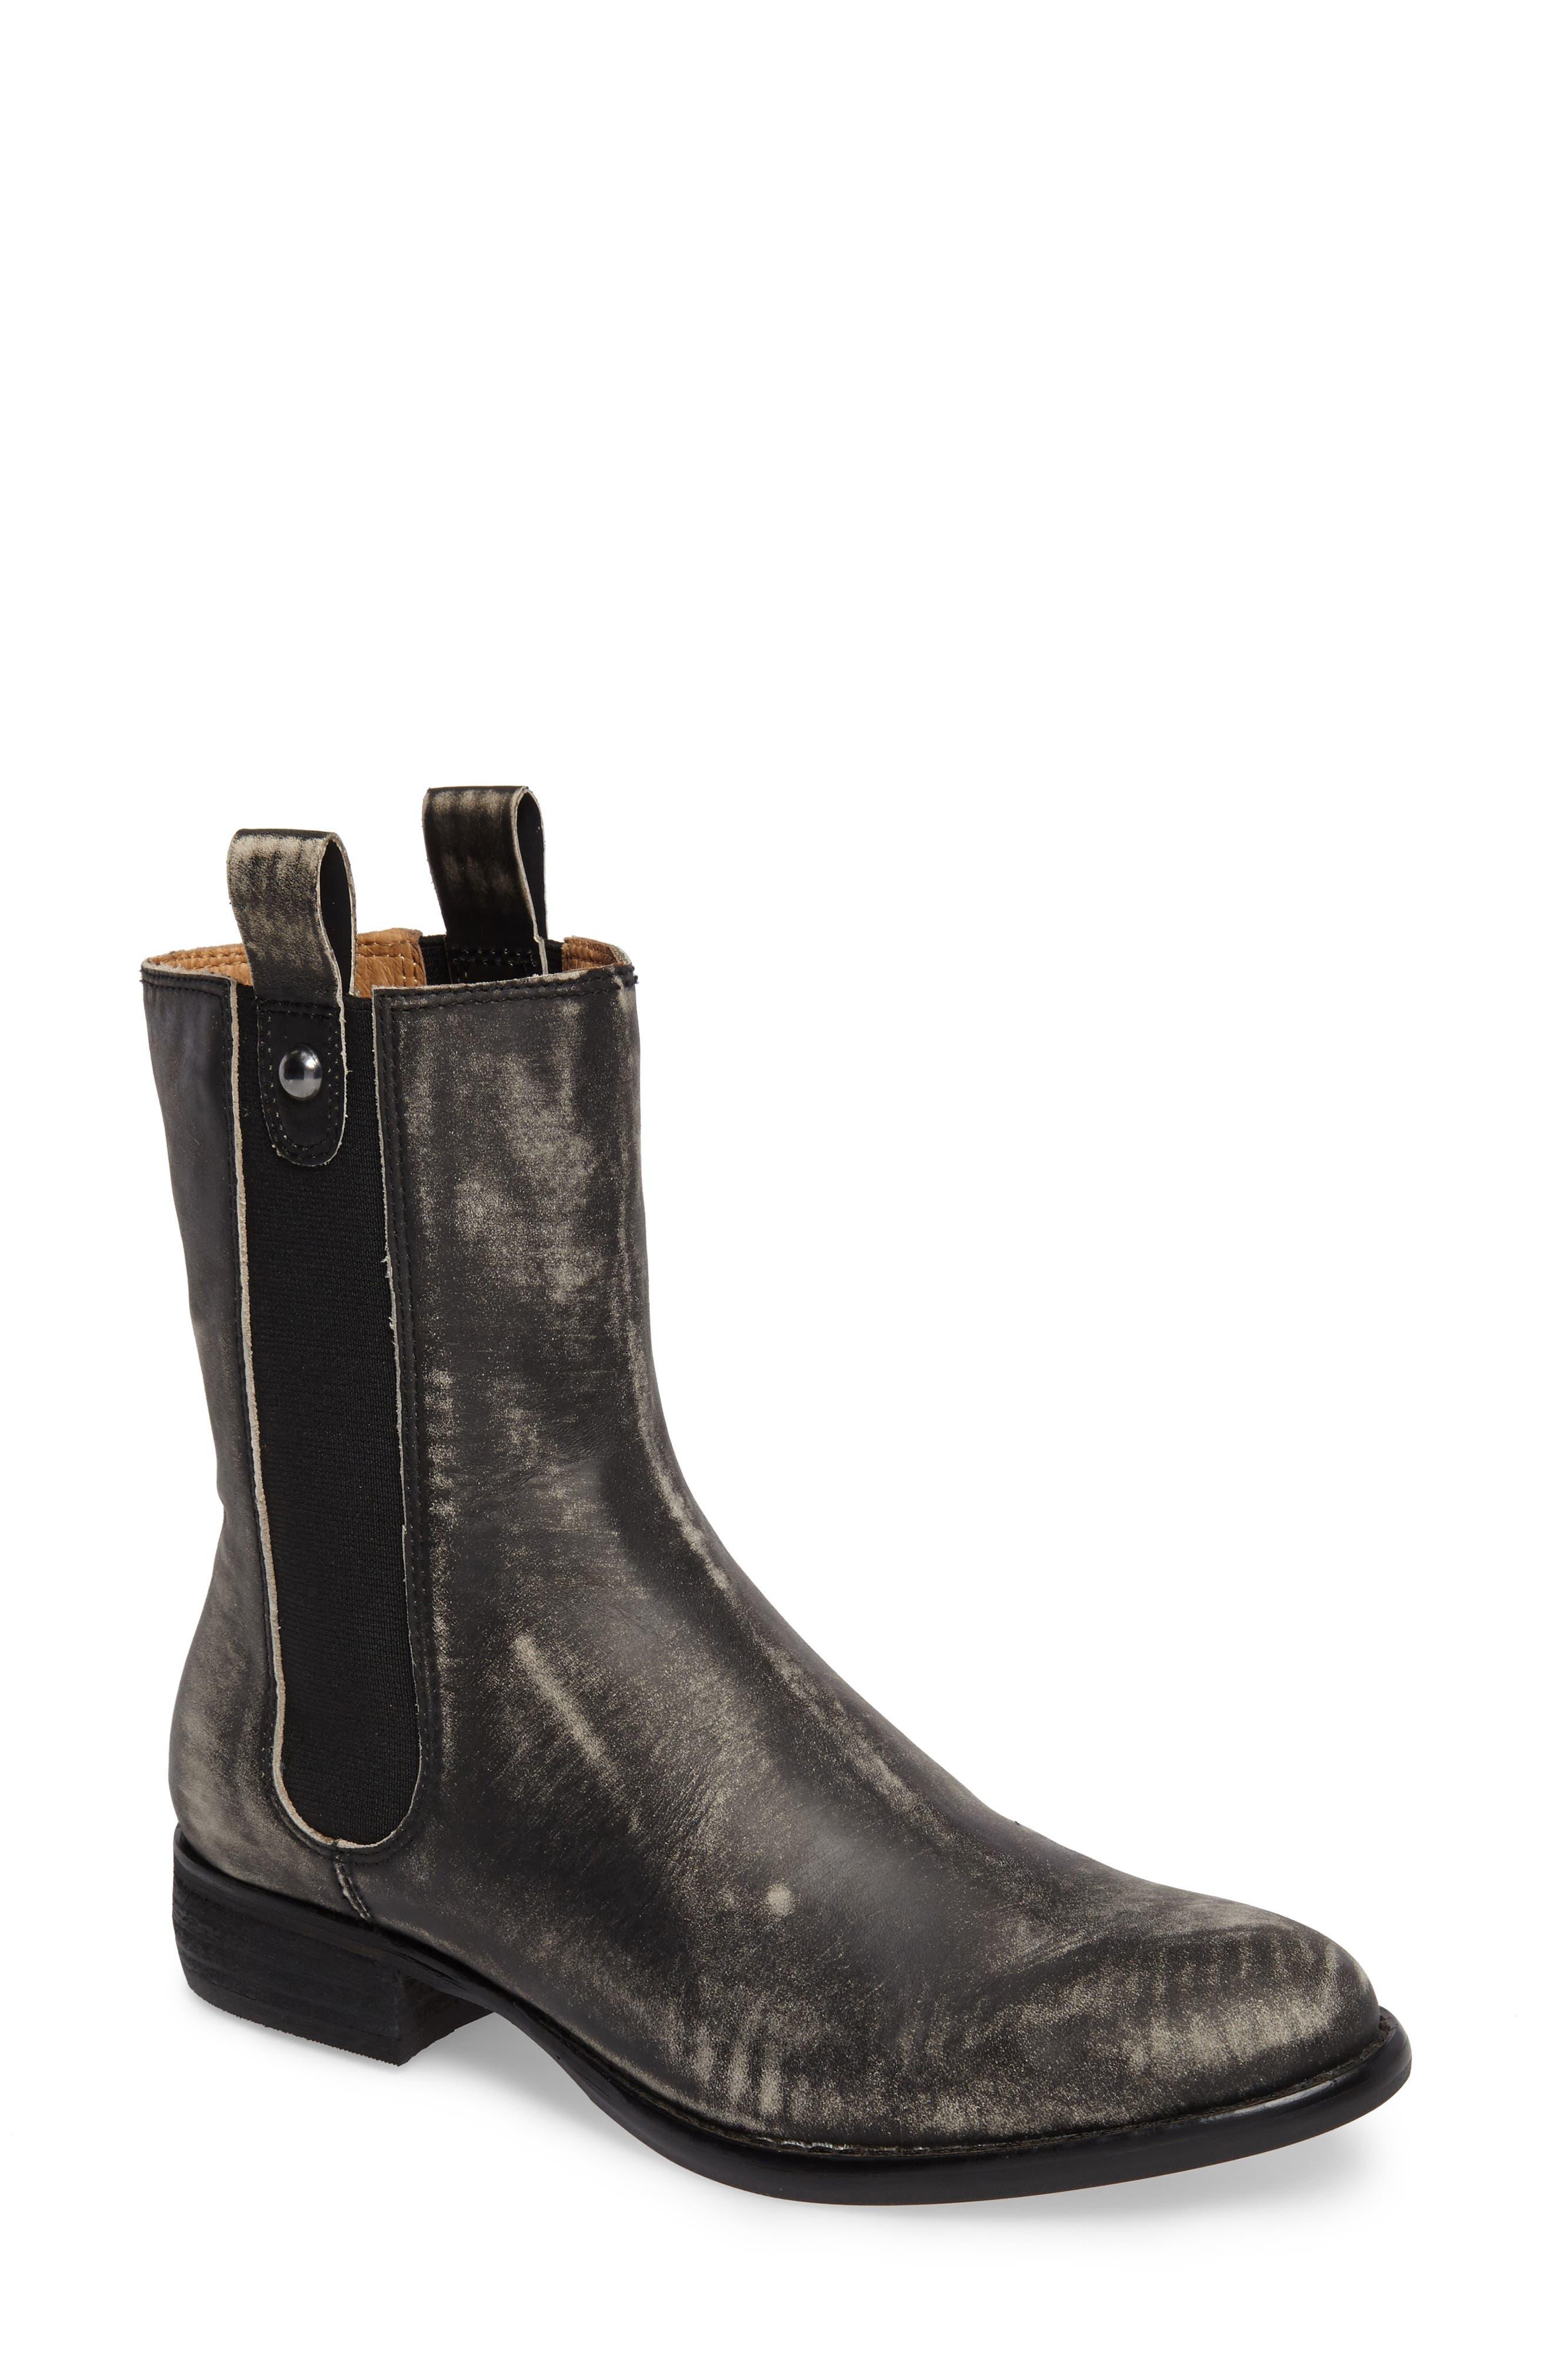 Alternate Image 1 Selected - Corso Como Armando Boot (Women)